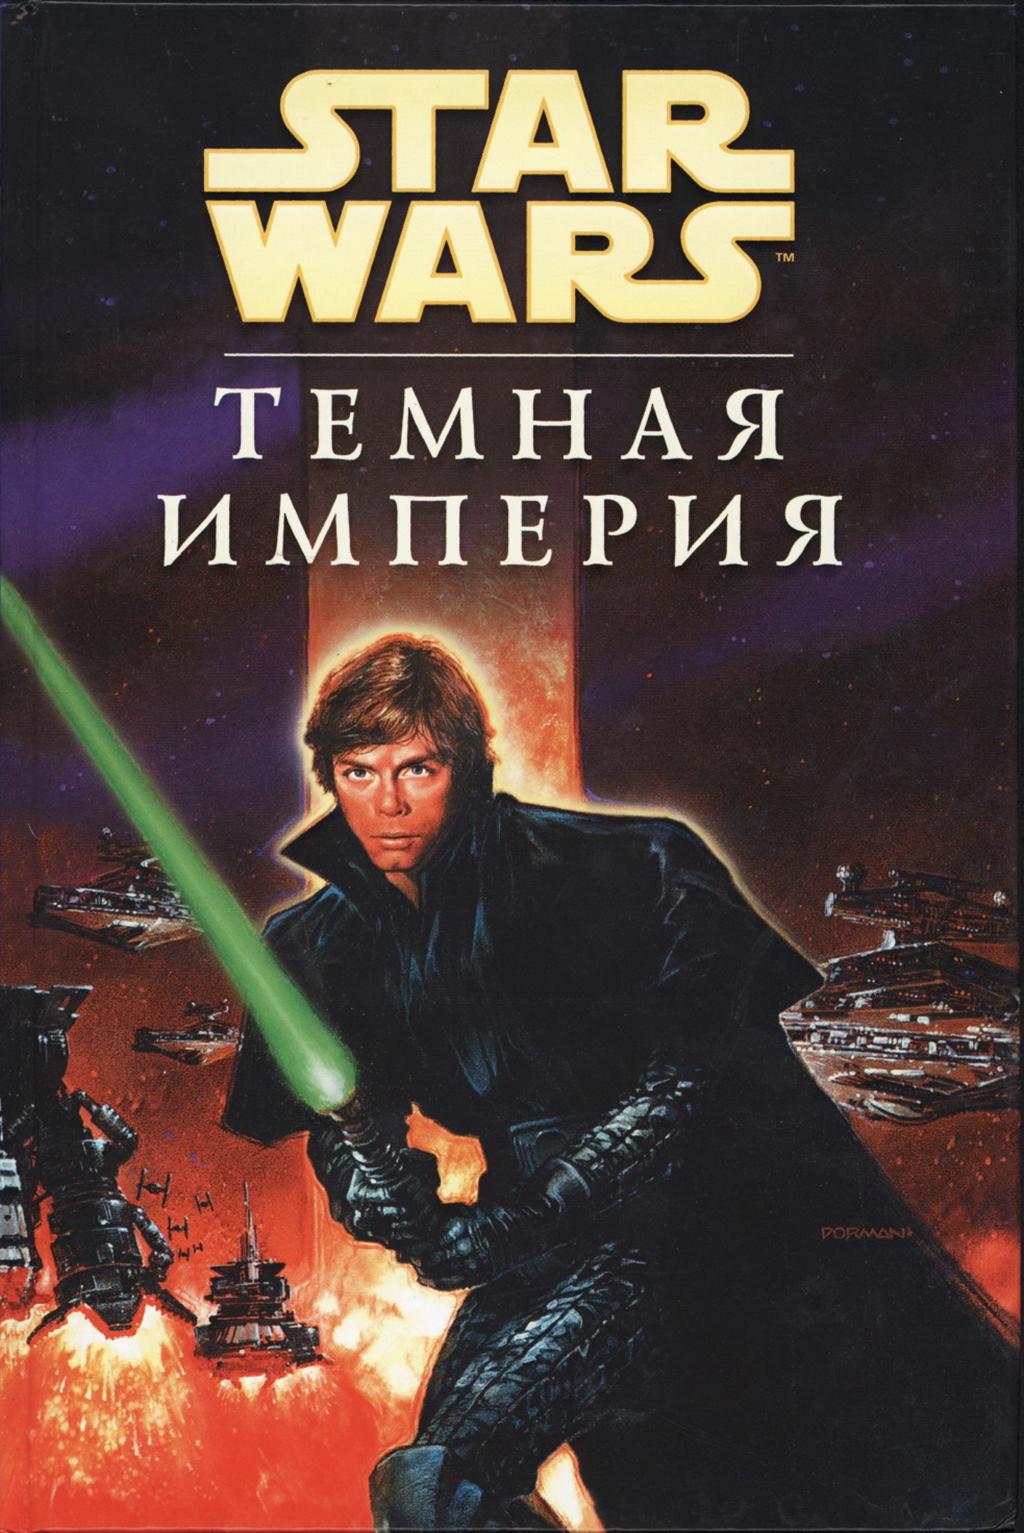 Комикс Звездные Войны - Темная Империя